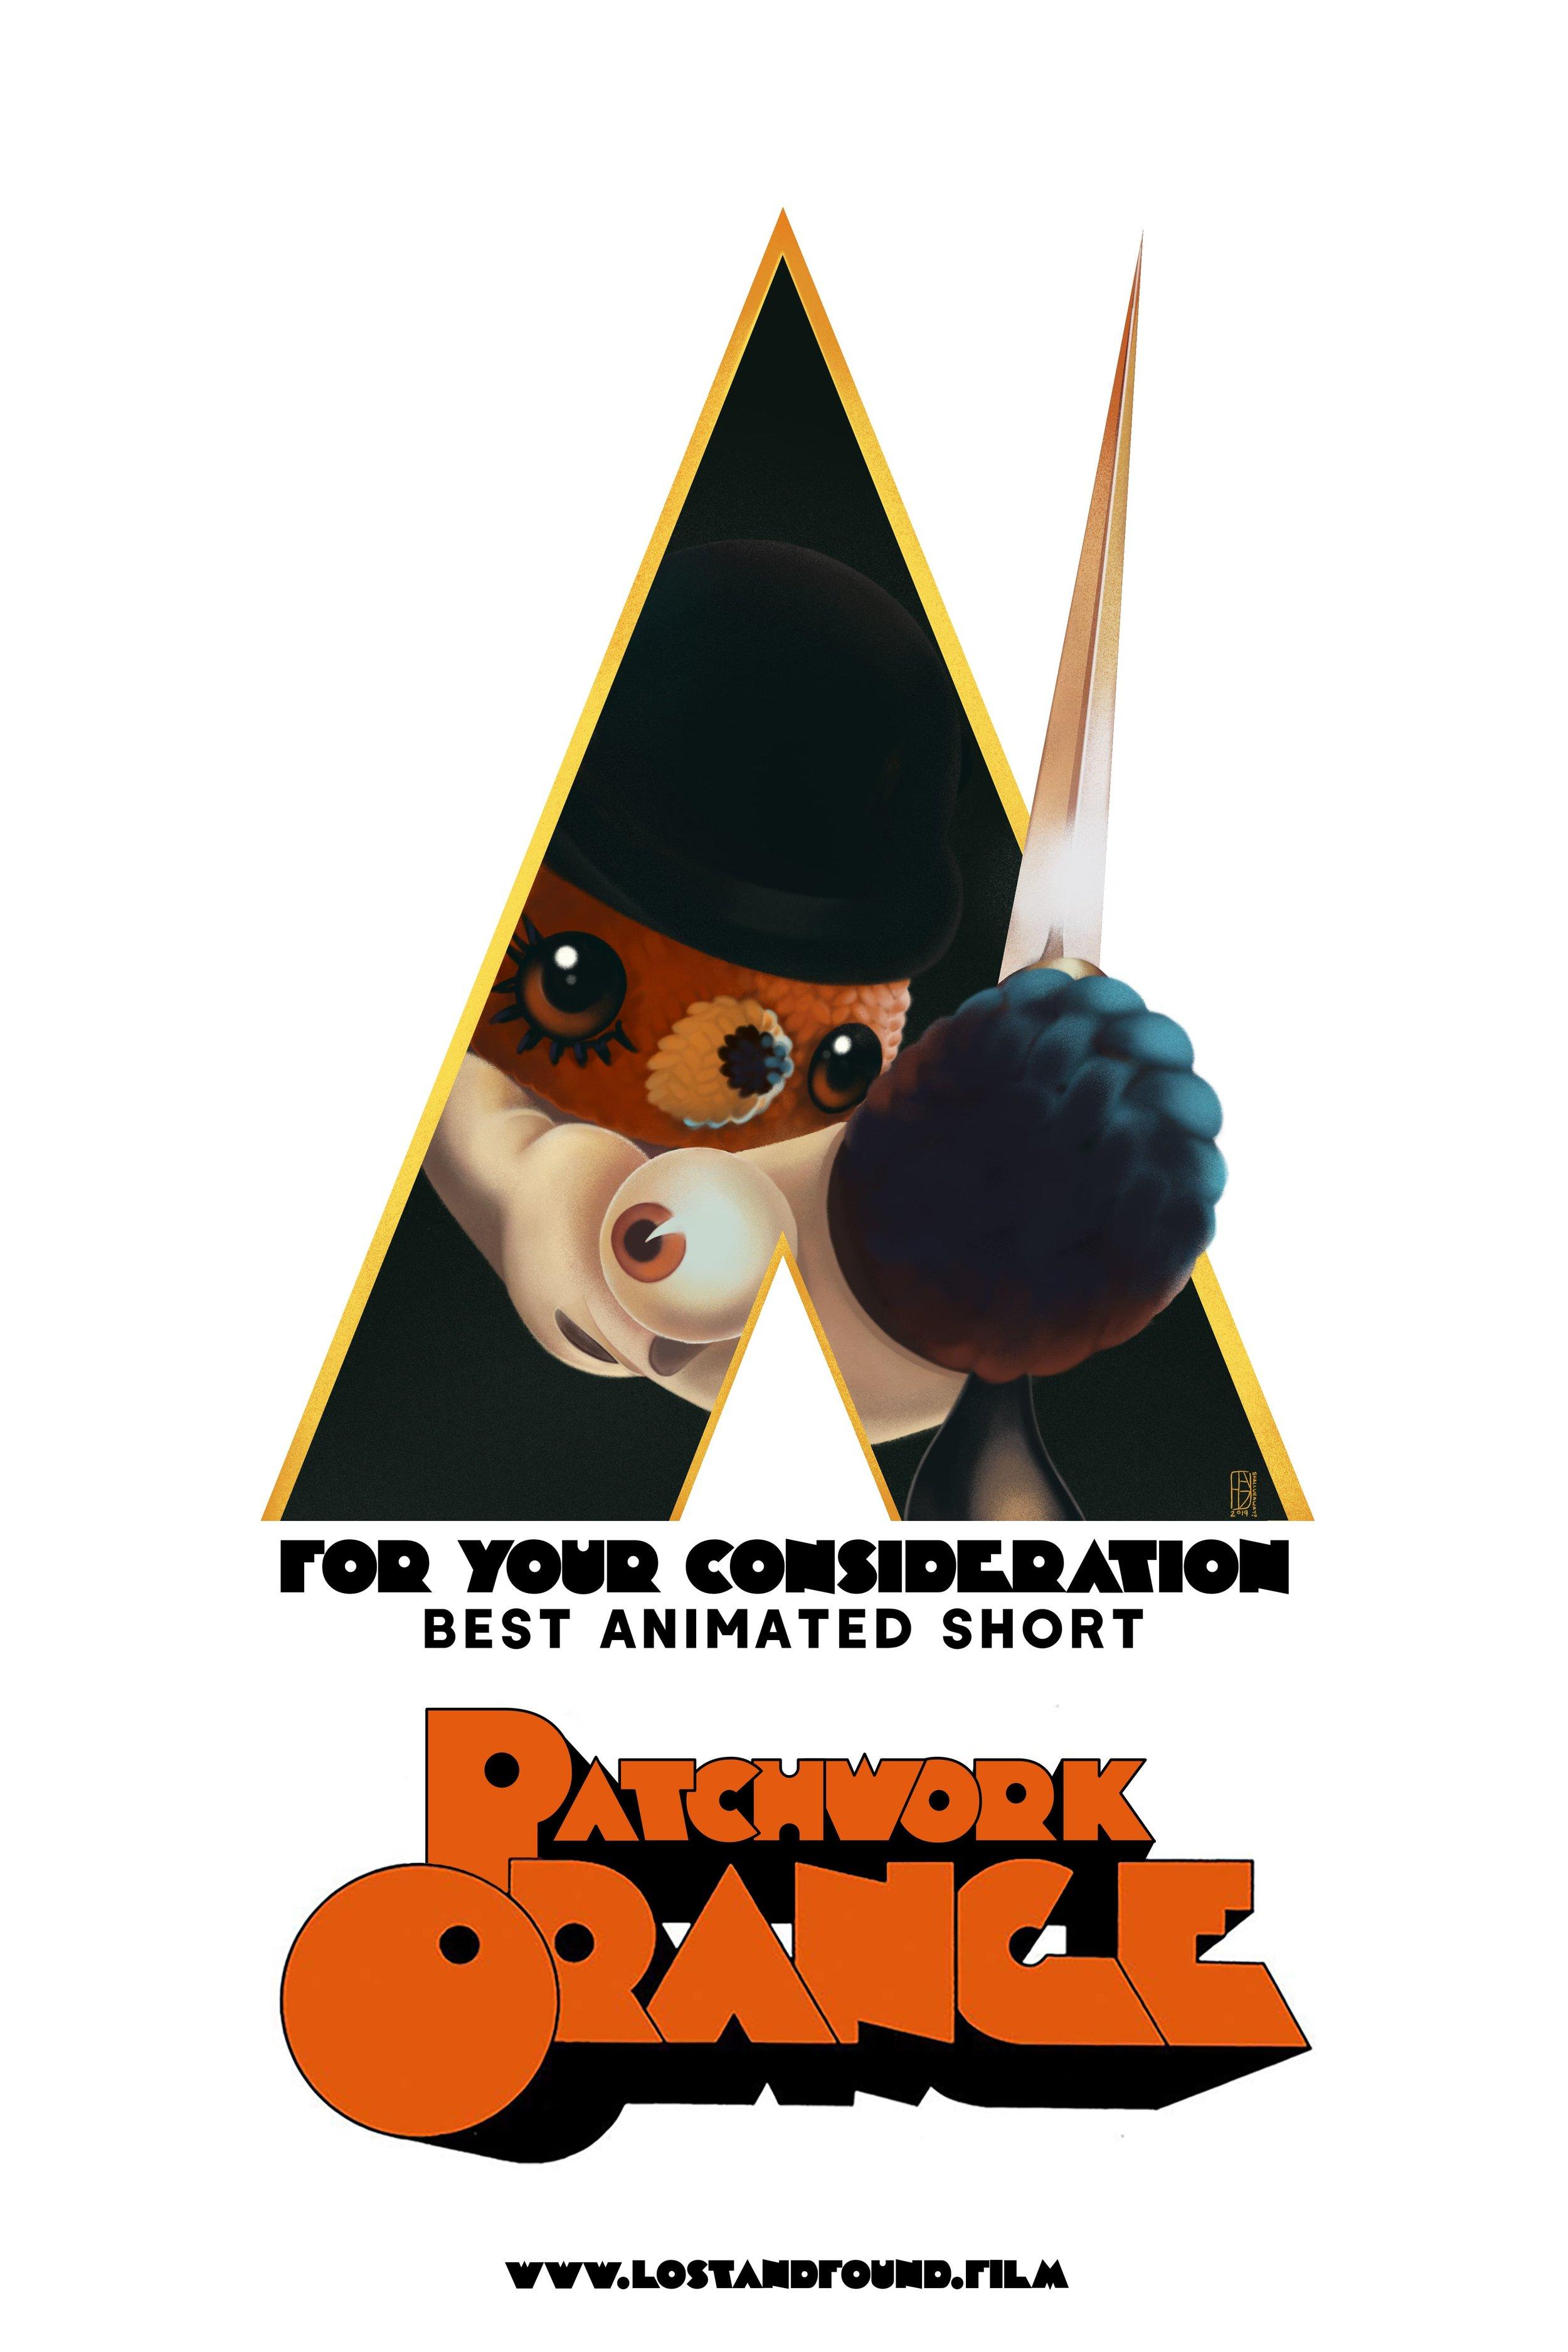 A_Patchwork_Orange_v10o.jpg